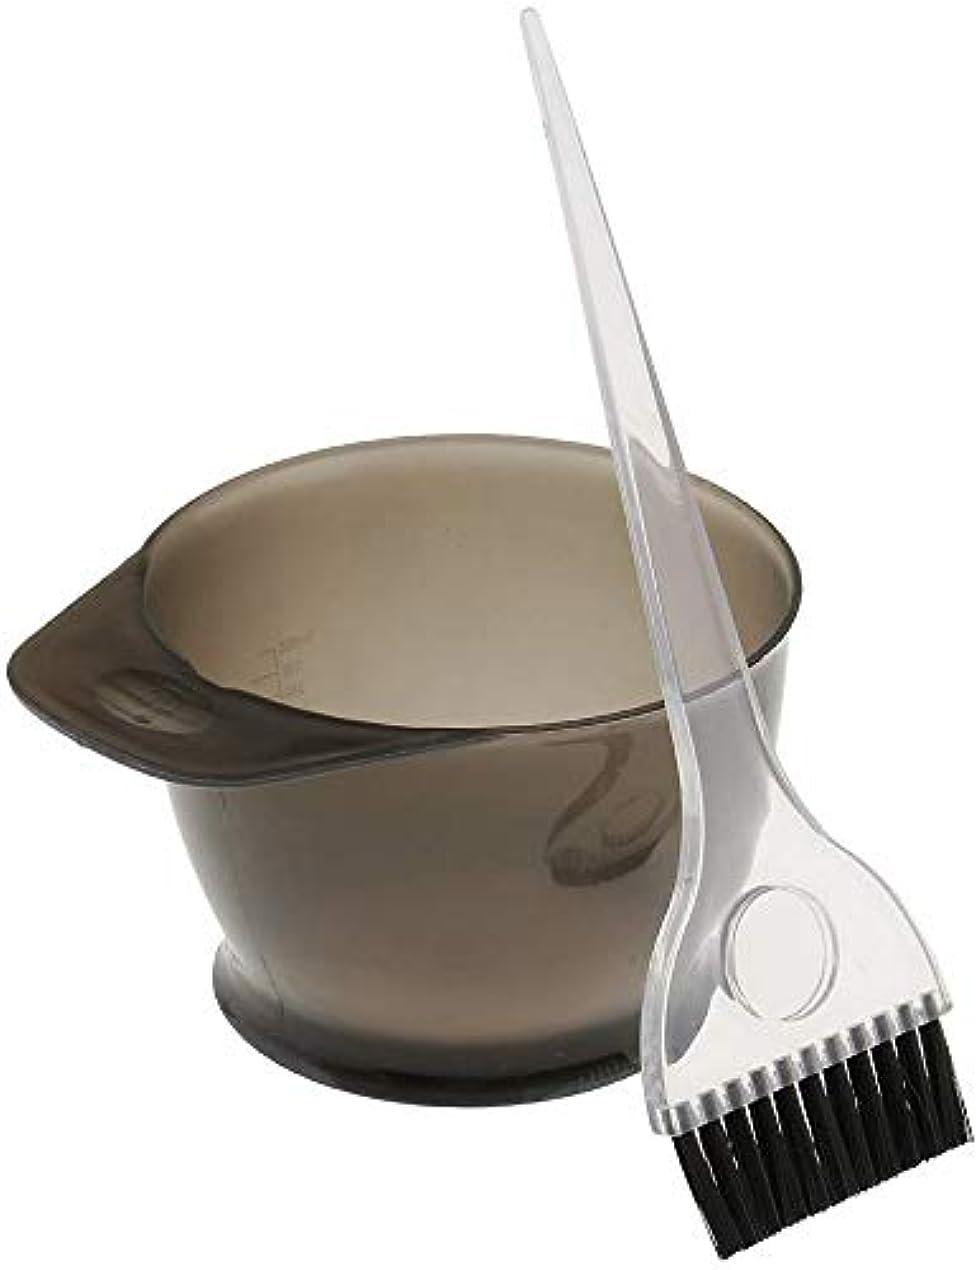 ファイルしがみつく持ってるヘアカラーリング 染色ボウル くしブラシ 色合いツール セットする に適う サロン理髪 ホーム 個人的な使用 (グレー)